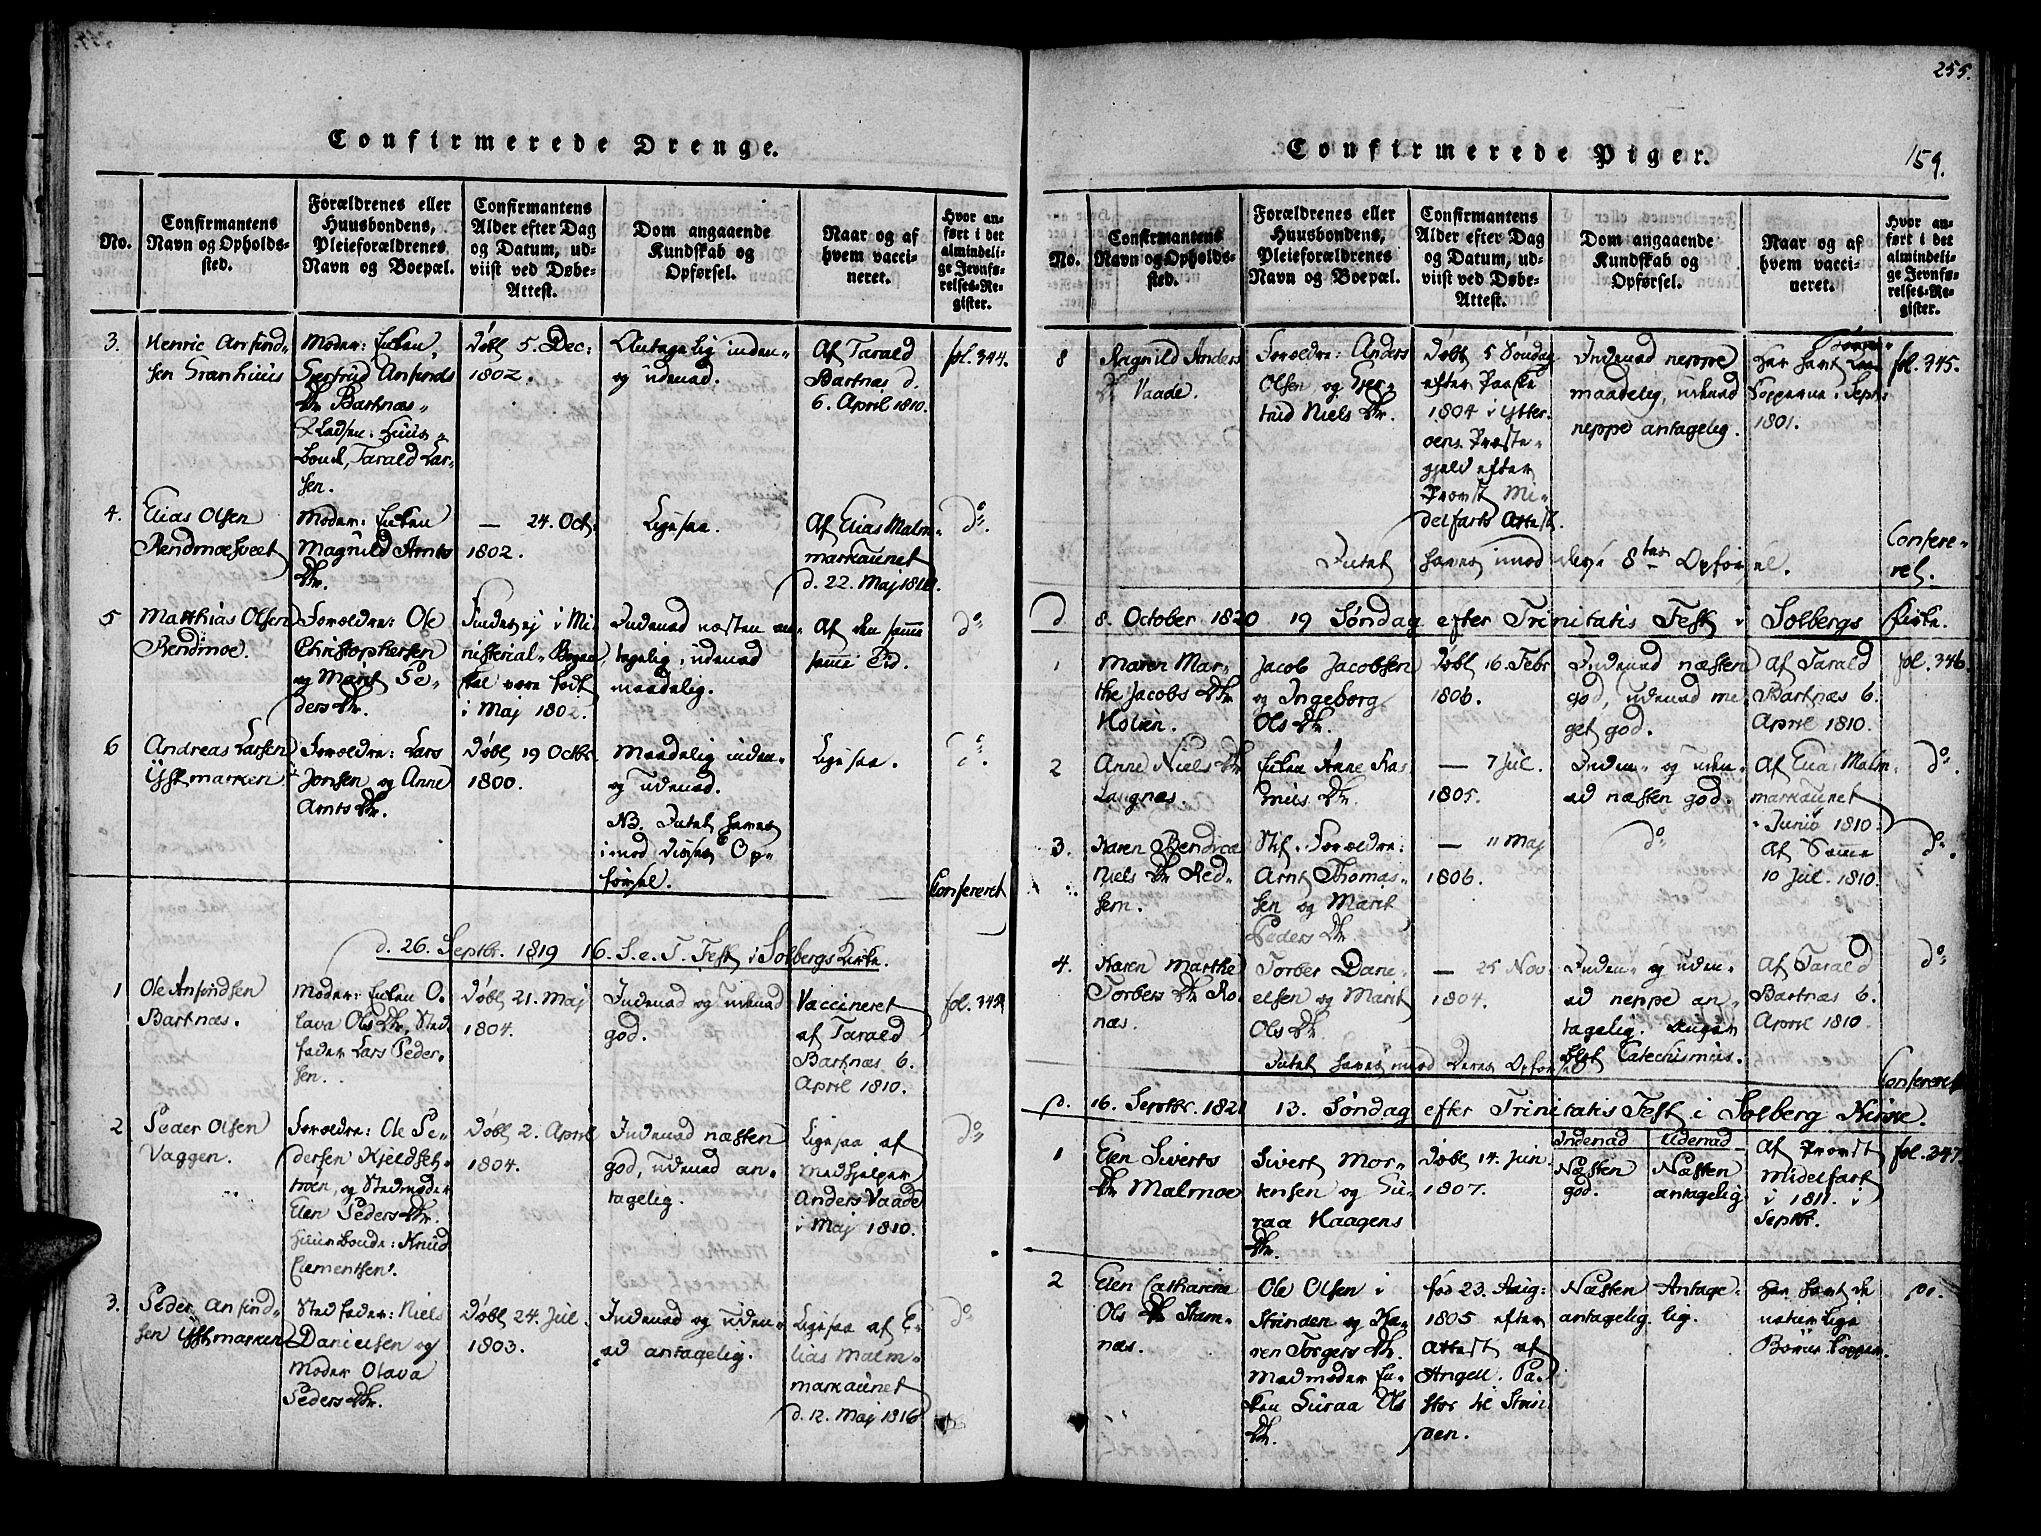 SAT, Ministerialprotokoller, klokkerbøker og fødselsregistre - Nord-Trøndelag, 741/L0387: Ministerialbok nr. 741A03 /2, 1817-1822, s. 159